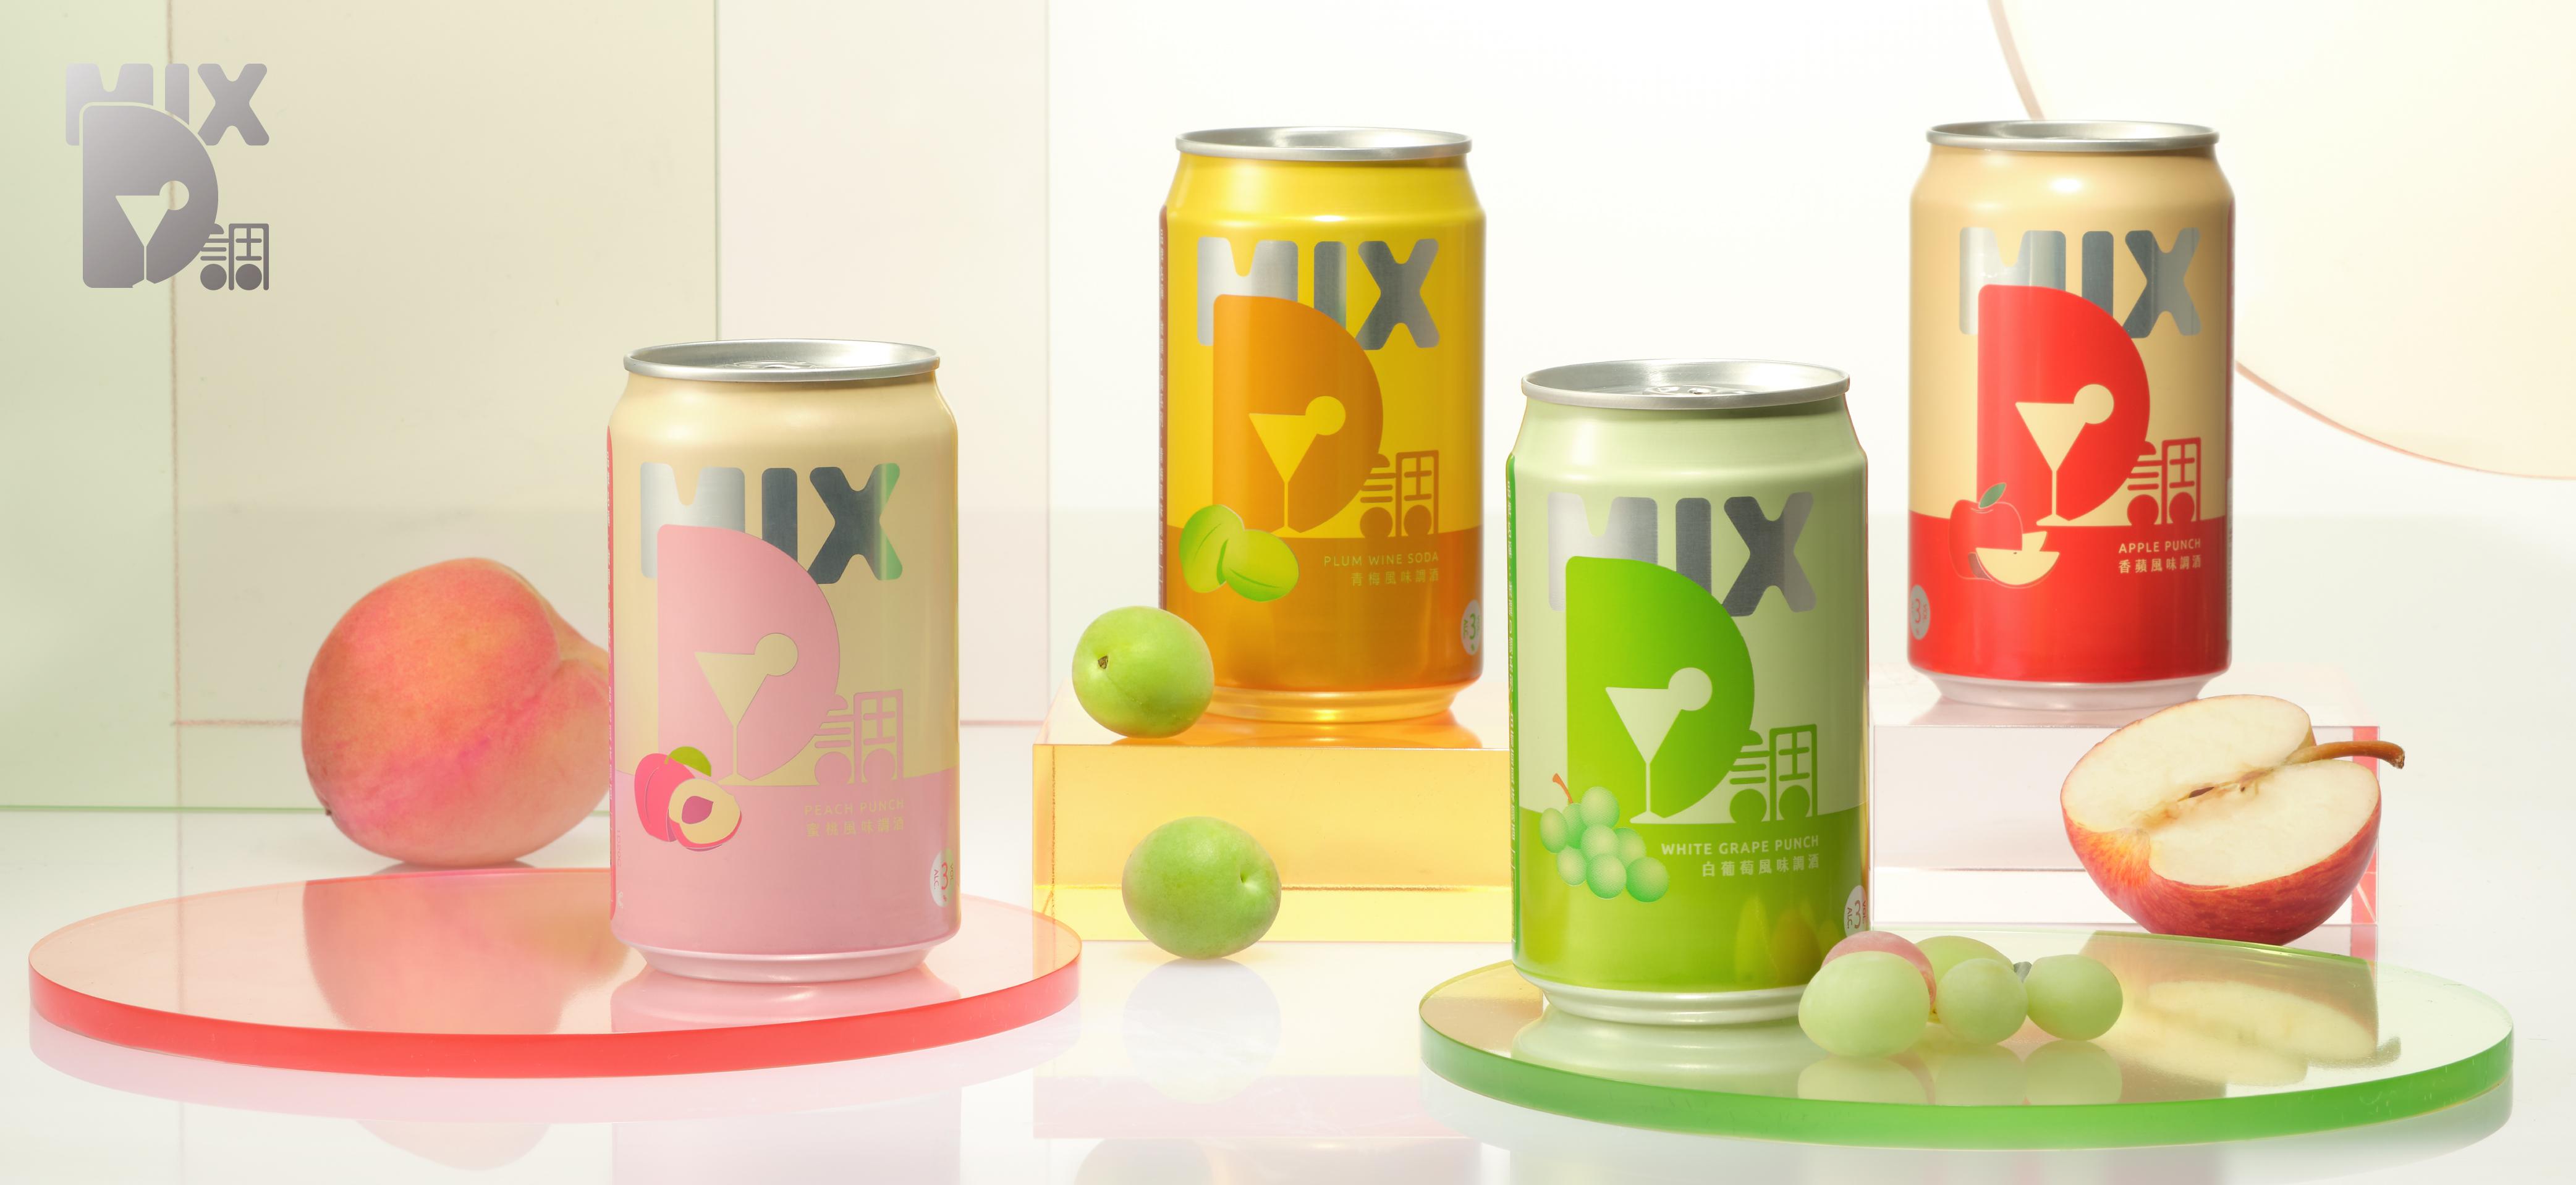 今晚想來點清爽香甜的微醺滋味!台啤重磅推出「微醺D調系列(MixD)」五款風味調酒限定通路搶先上市